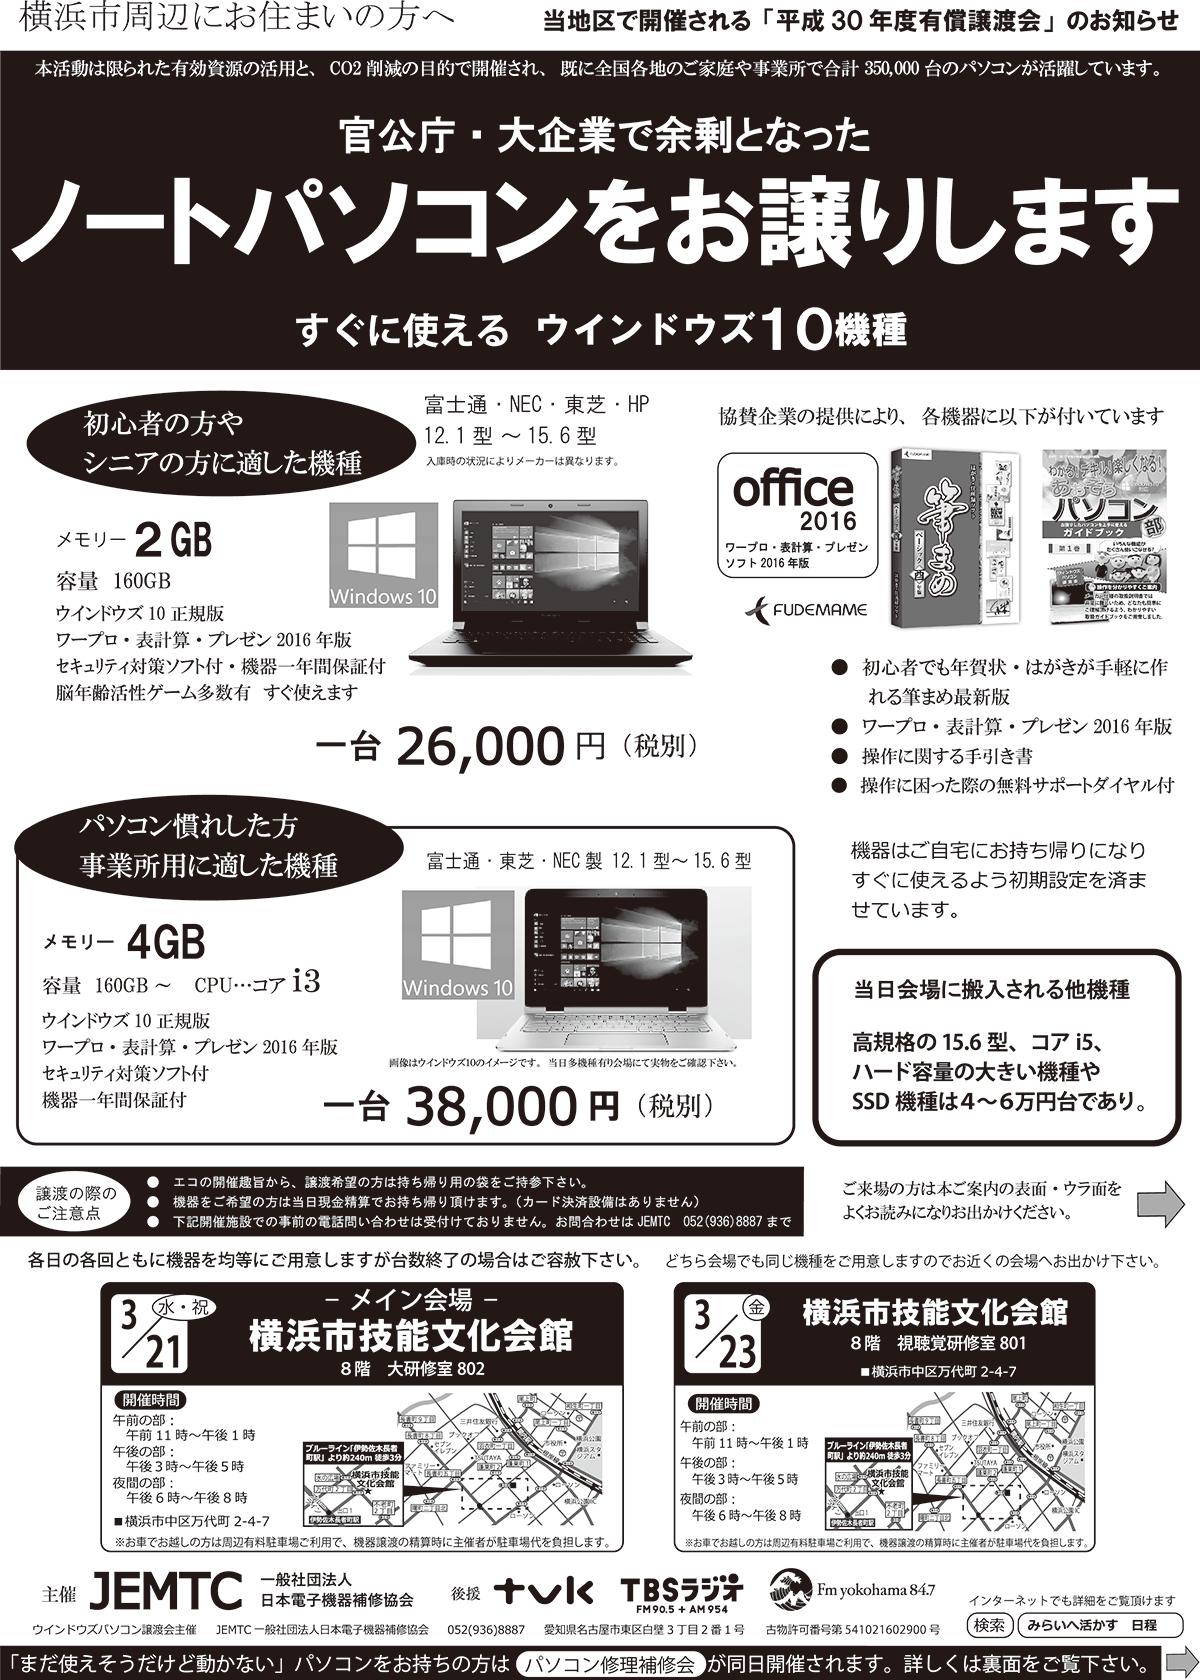 ジェムテクノートパソコン有償譲渡会in神奈川チラシ